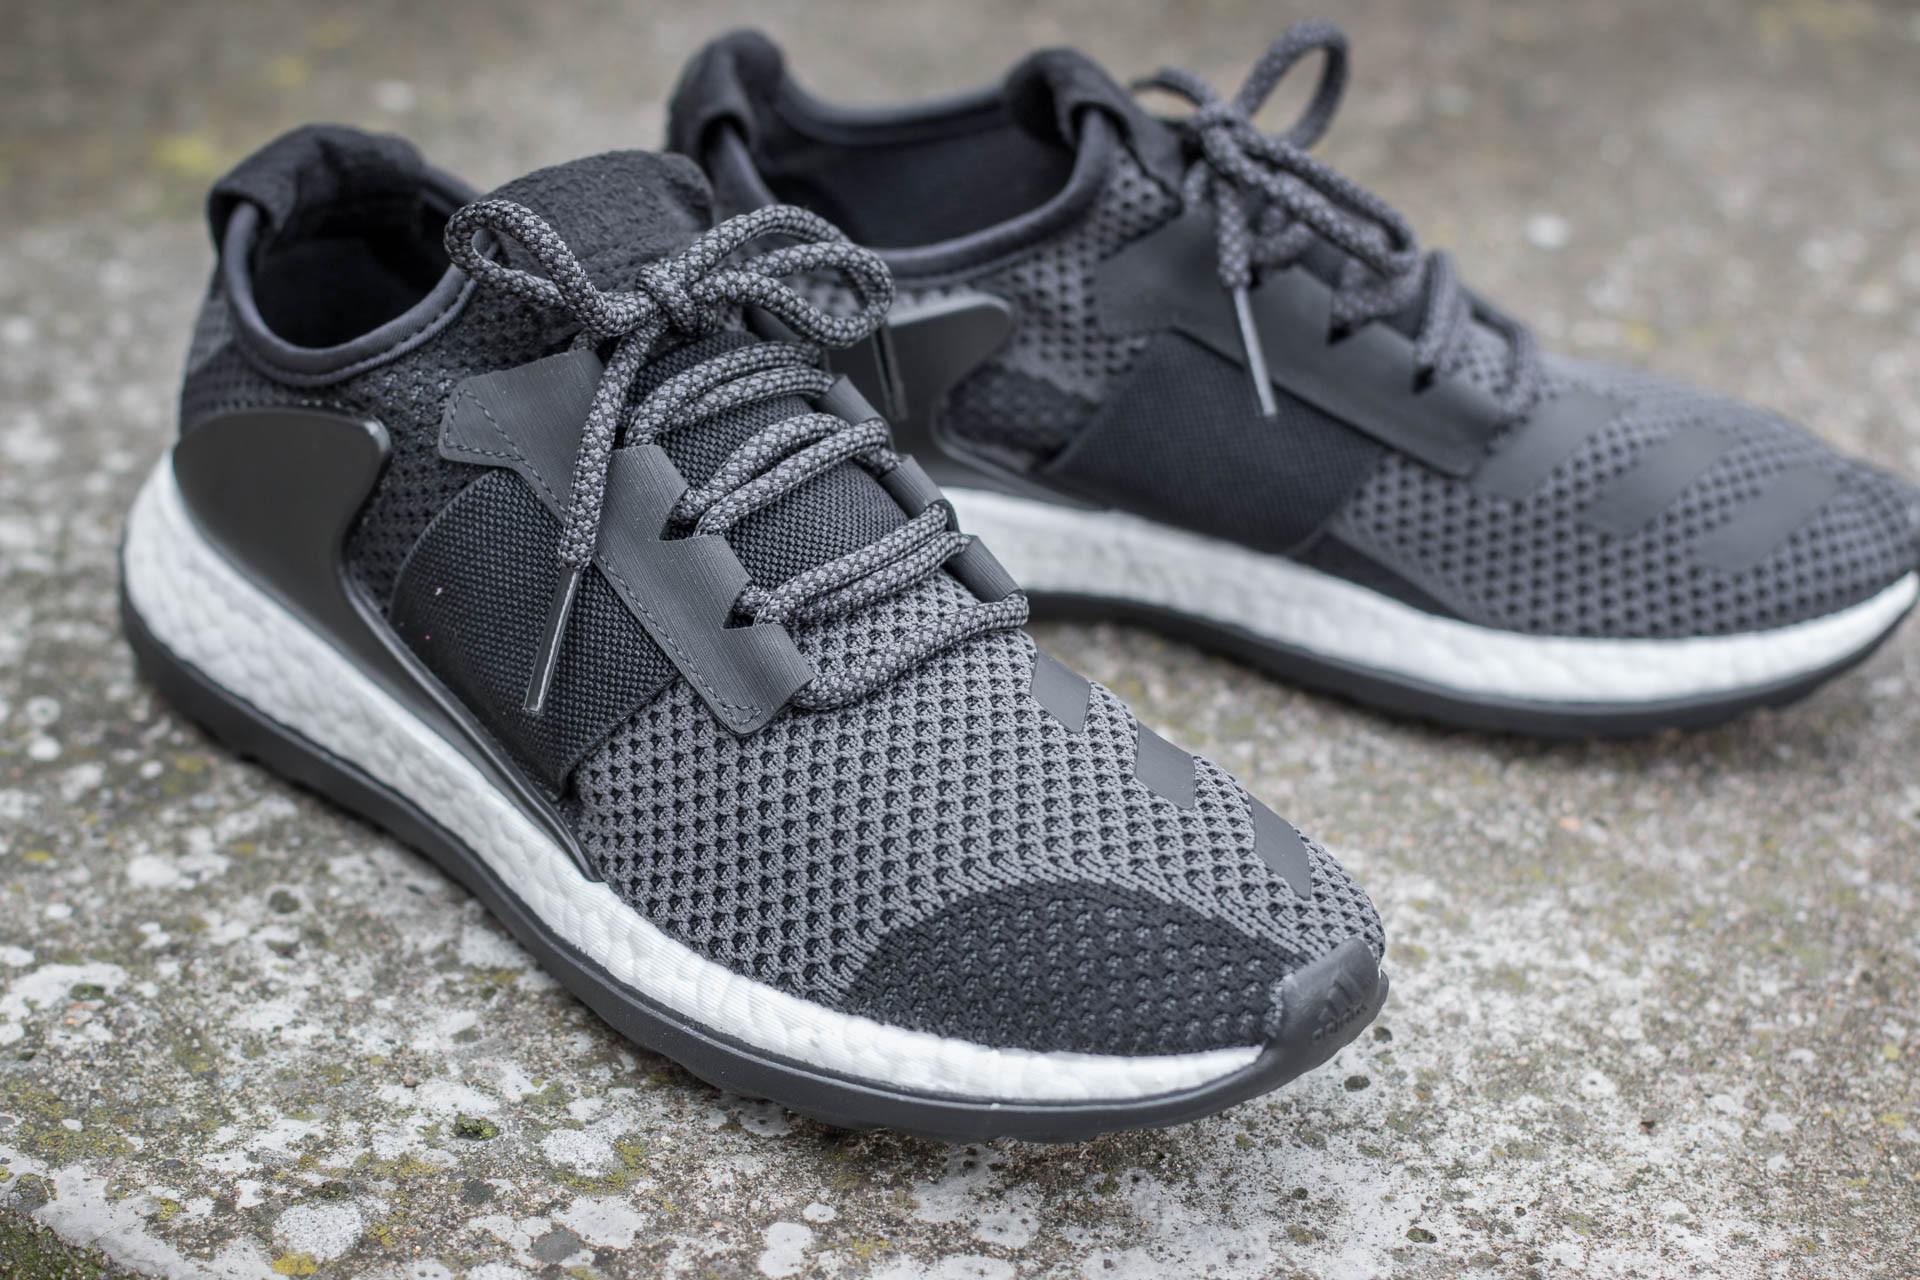 fa2561179c01b ... australia discount 64c98 lyst footshop adidas pure boost zg core black  charcoal ftw 7220d 35a1e 21b99